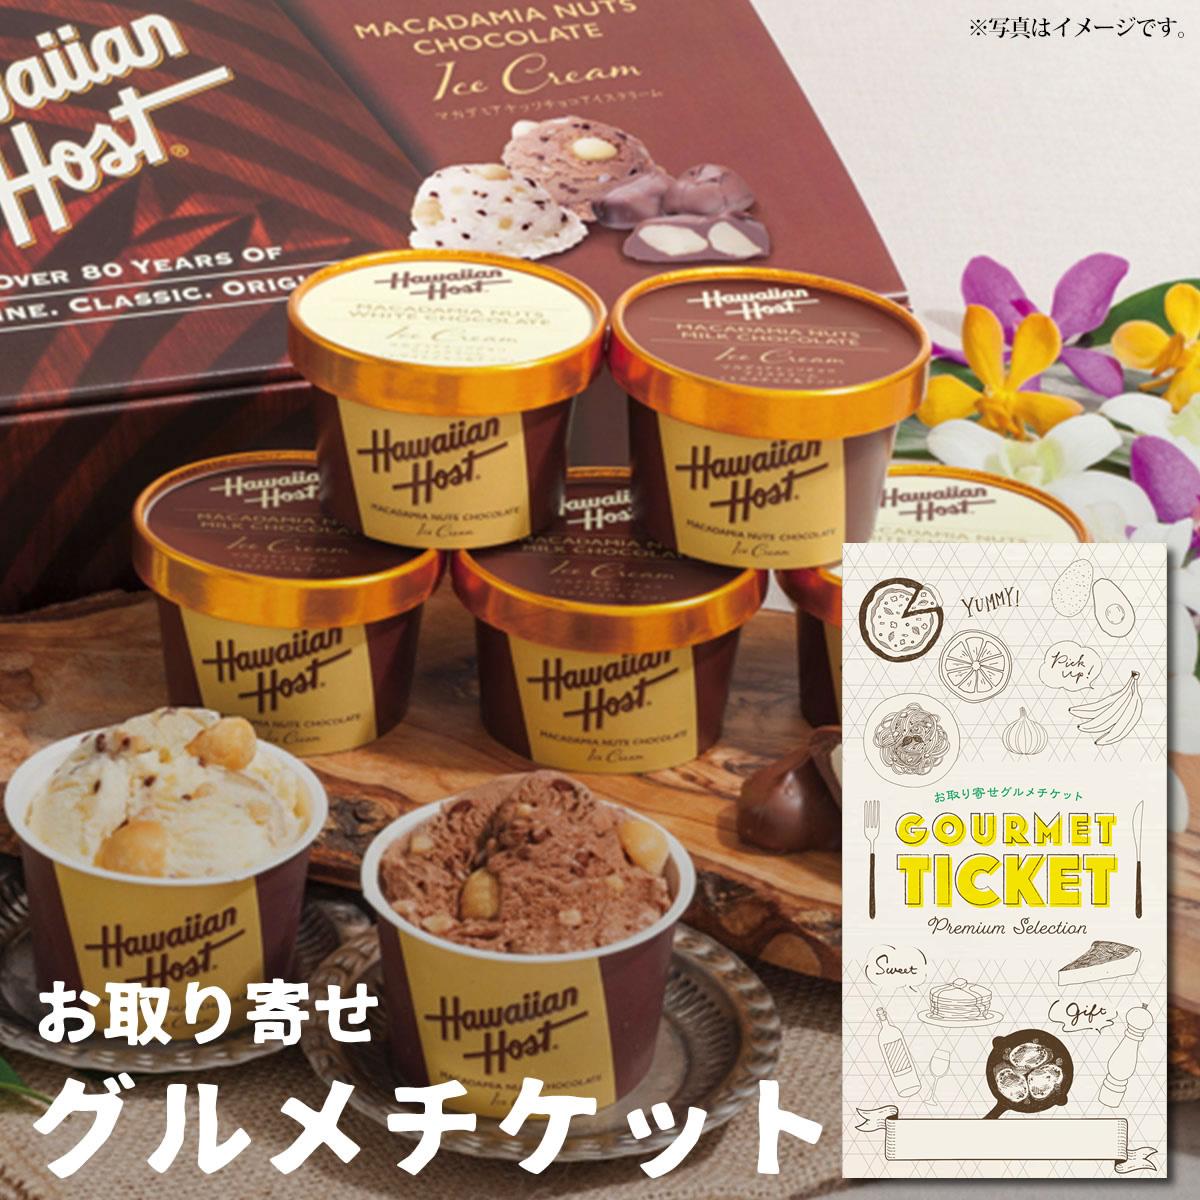 お取り寄せグルメチケット ハワイアンホースト マカデミアナッツチョコアイス